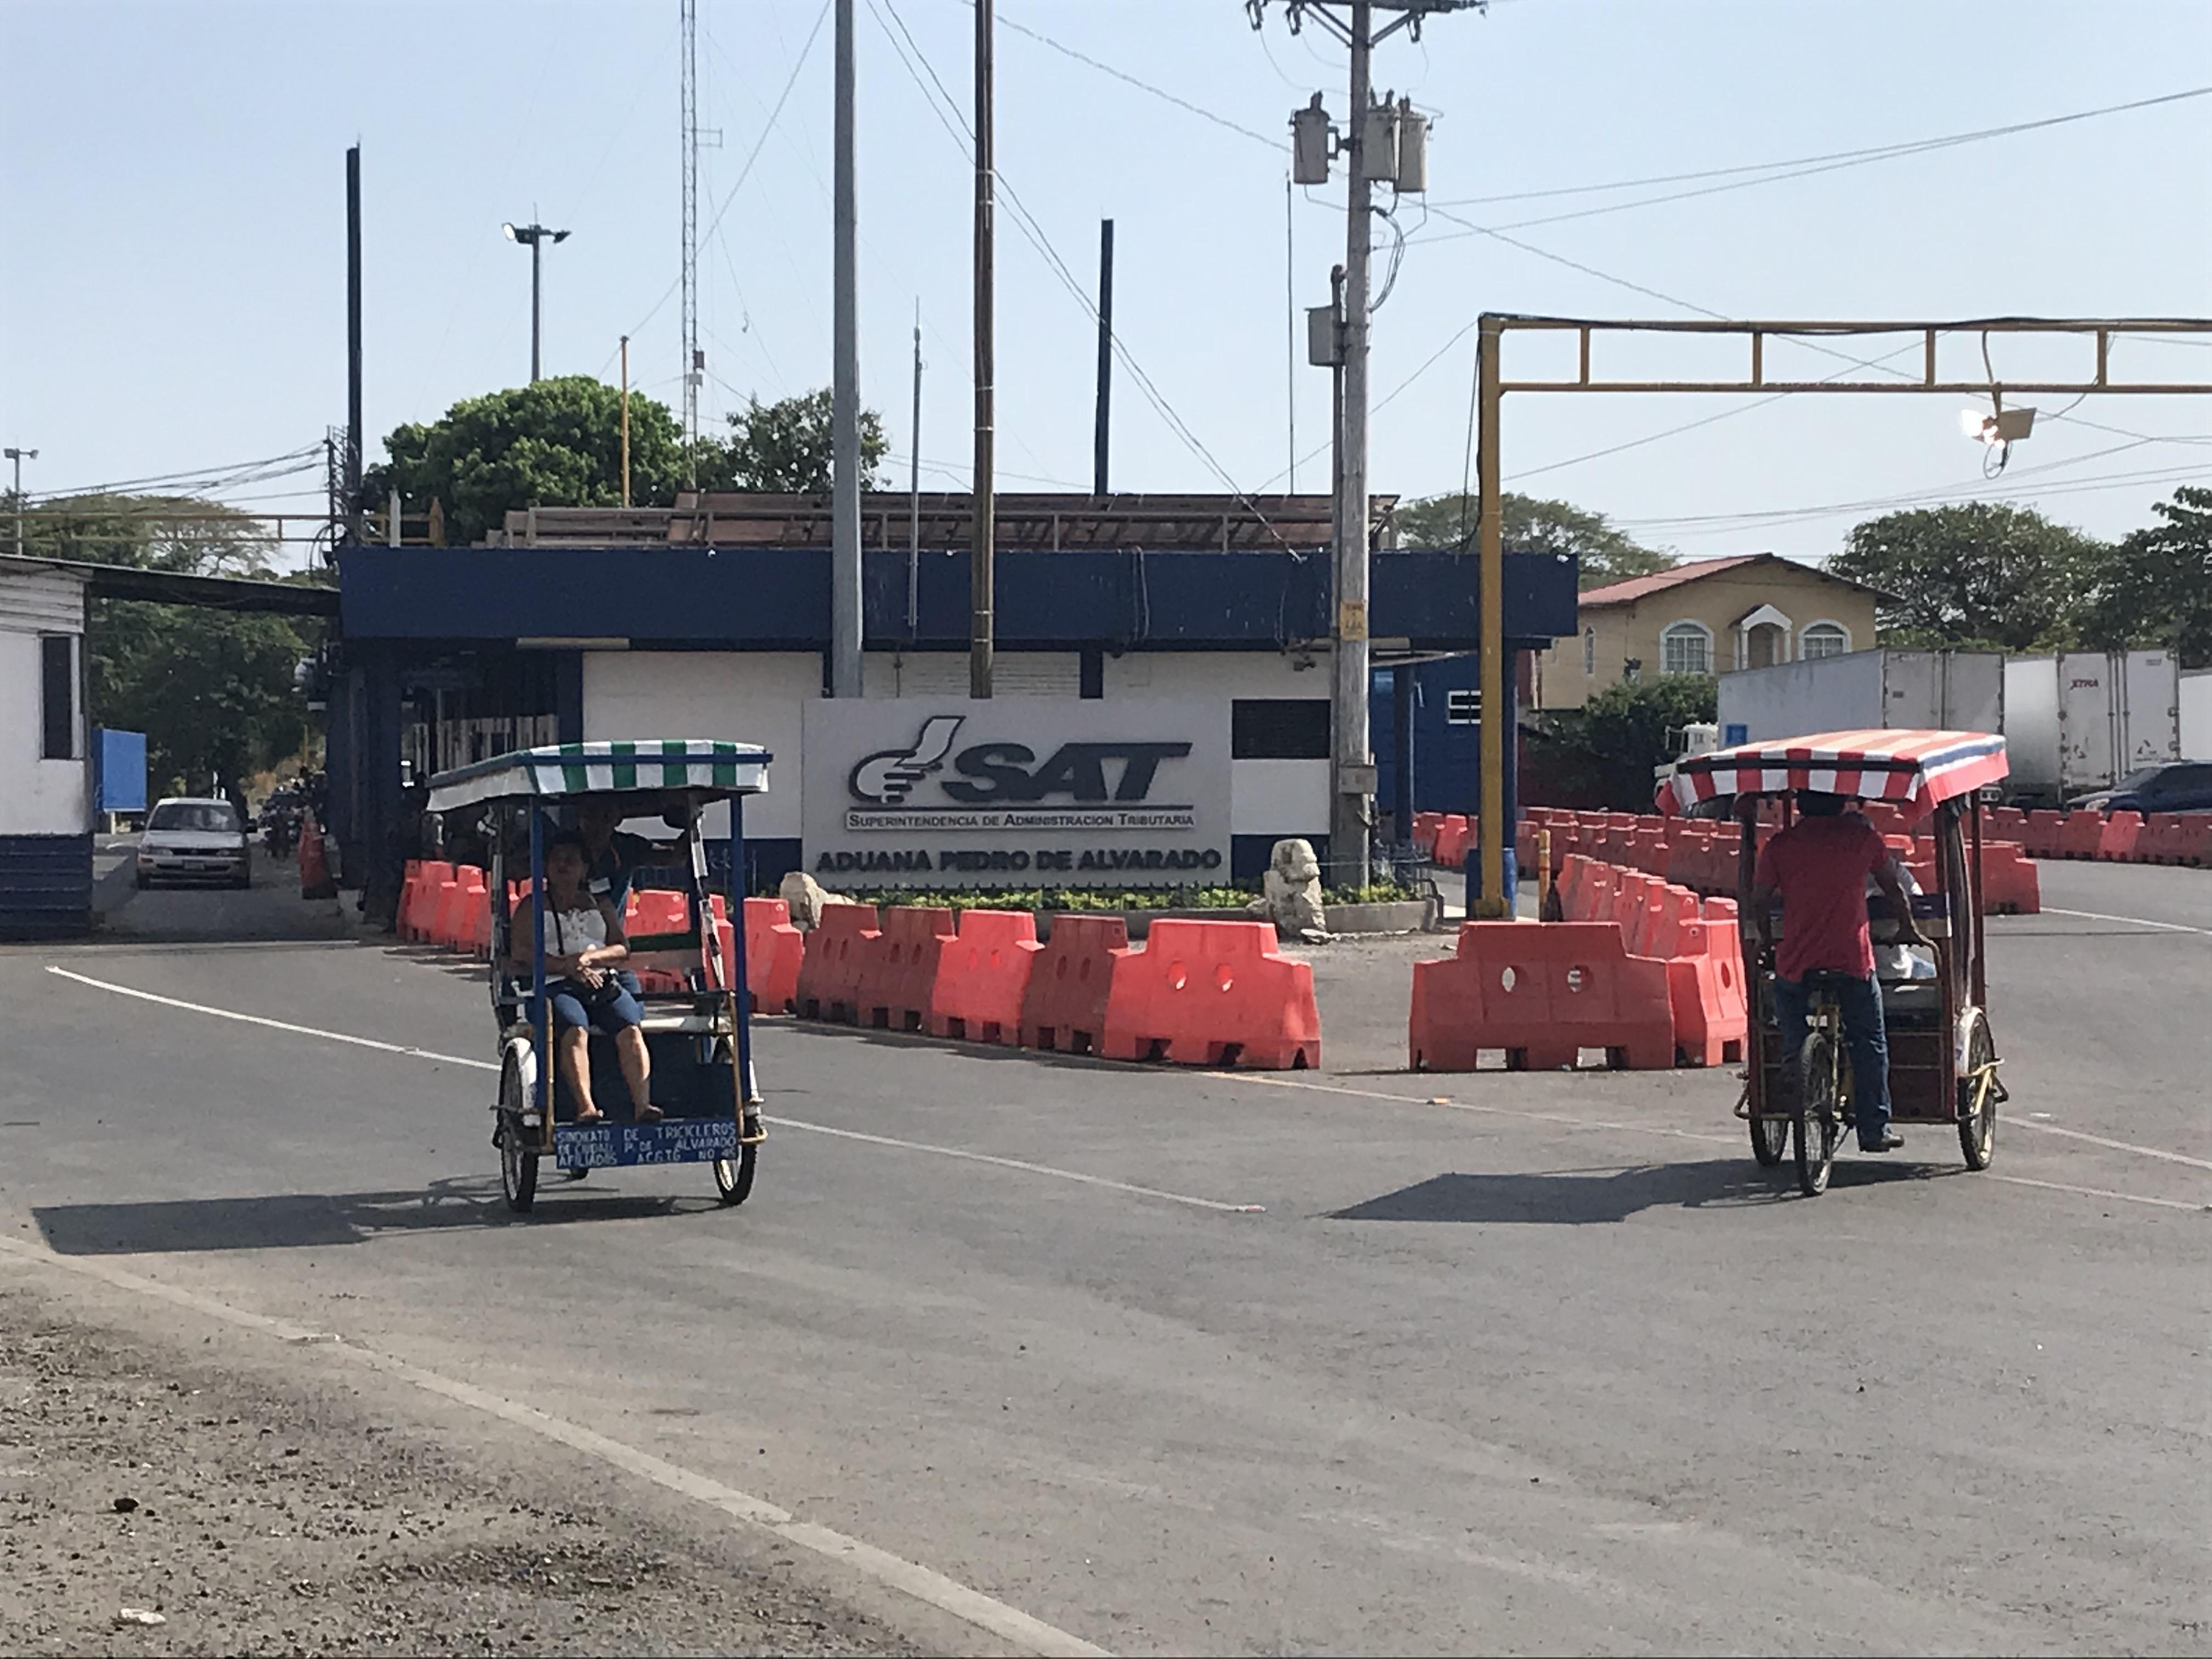 グアテマラ&エルサルバドル国境